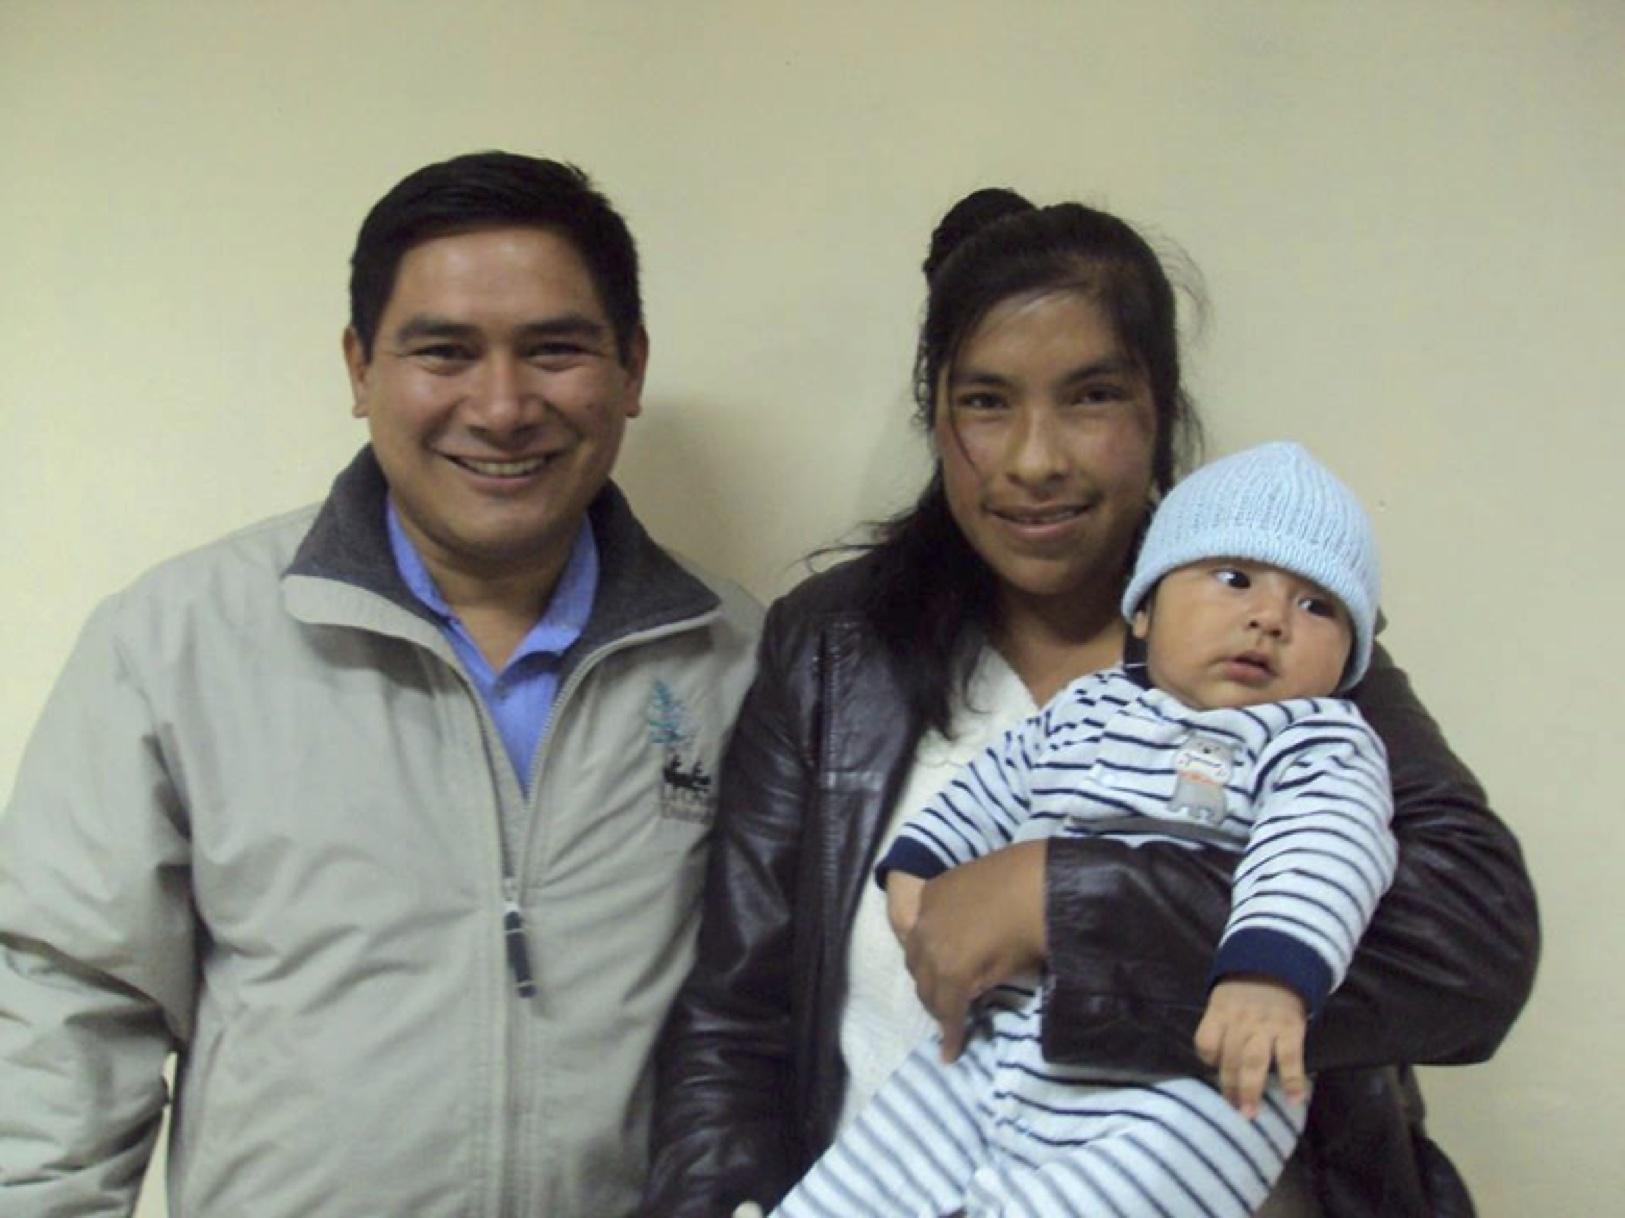 Location: Cusco, Peru.